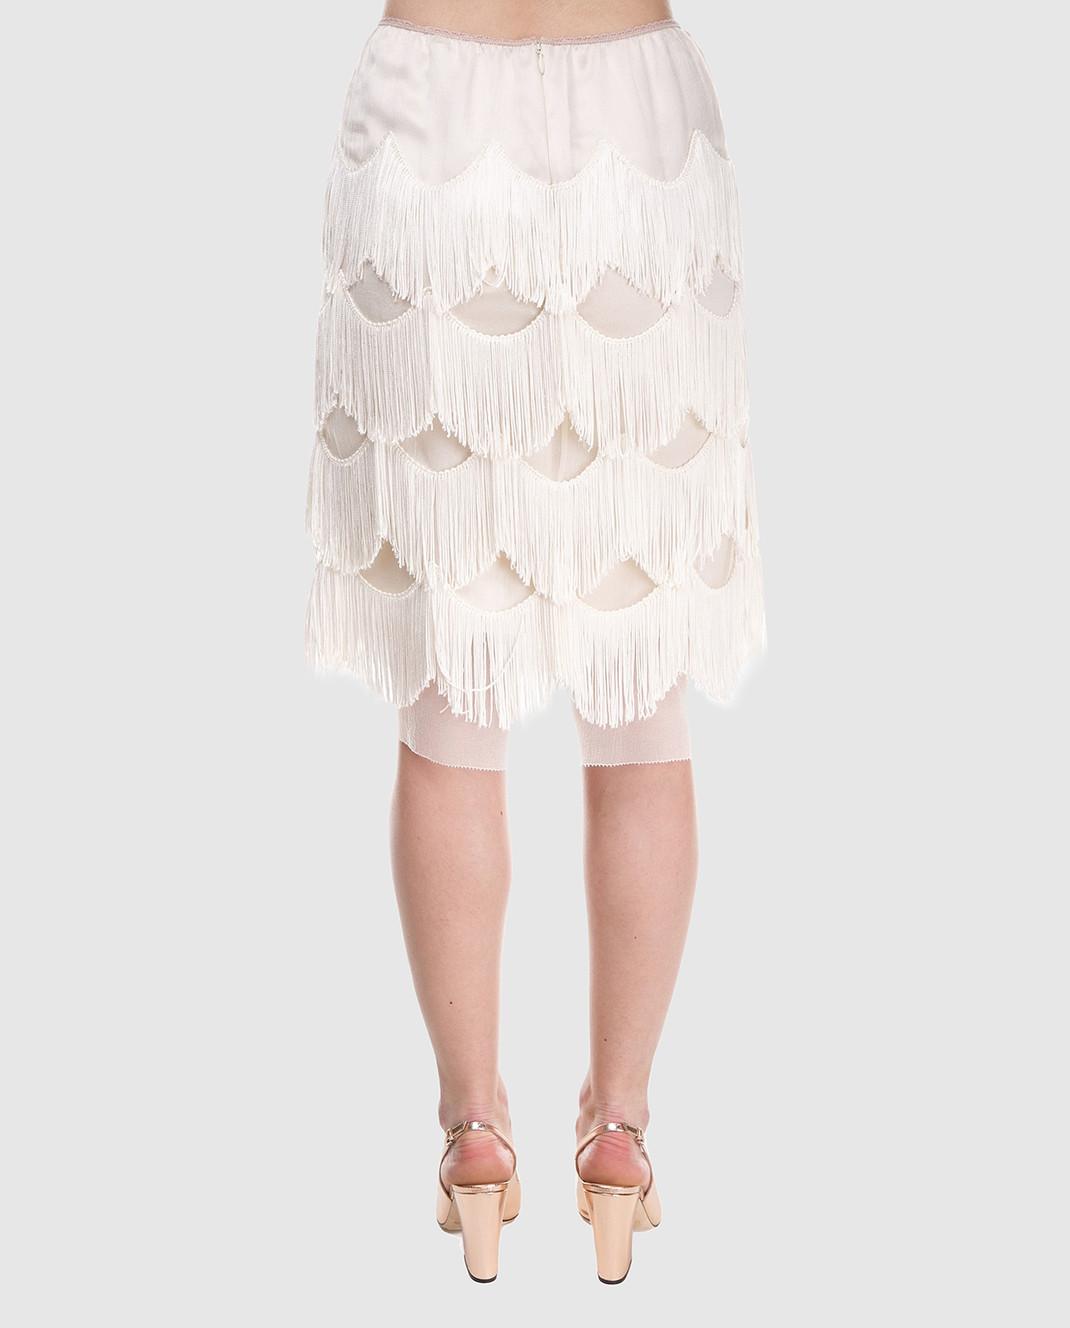 Marc Jacobs Бежевая юбка с бахромой изображение 4